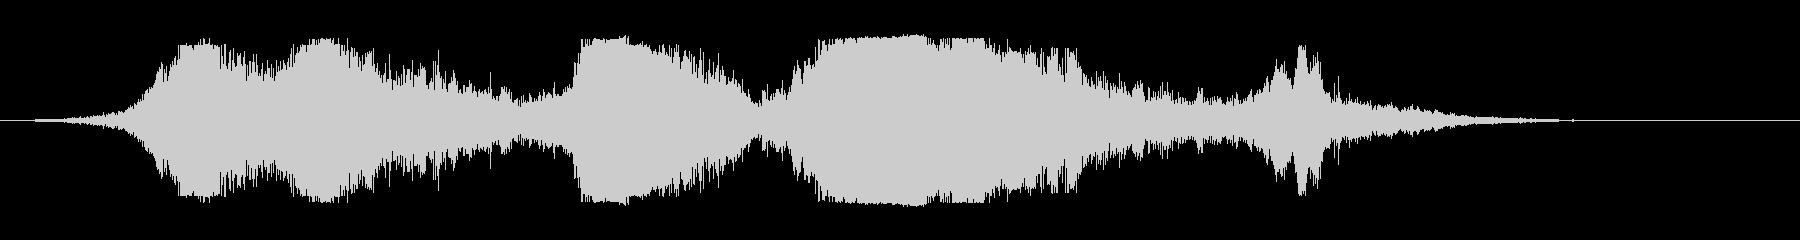 SC。レーシング;アウトオブターン...の未再生の波形